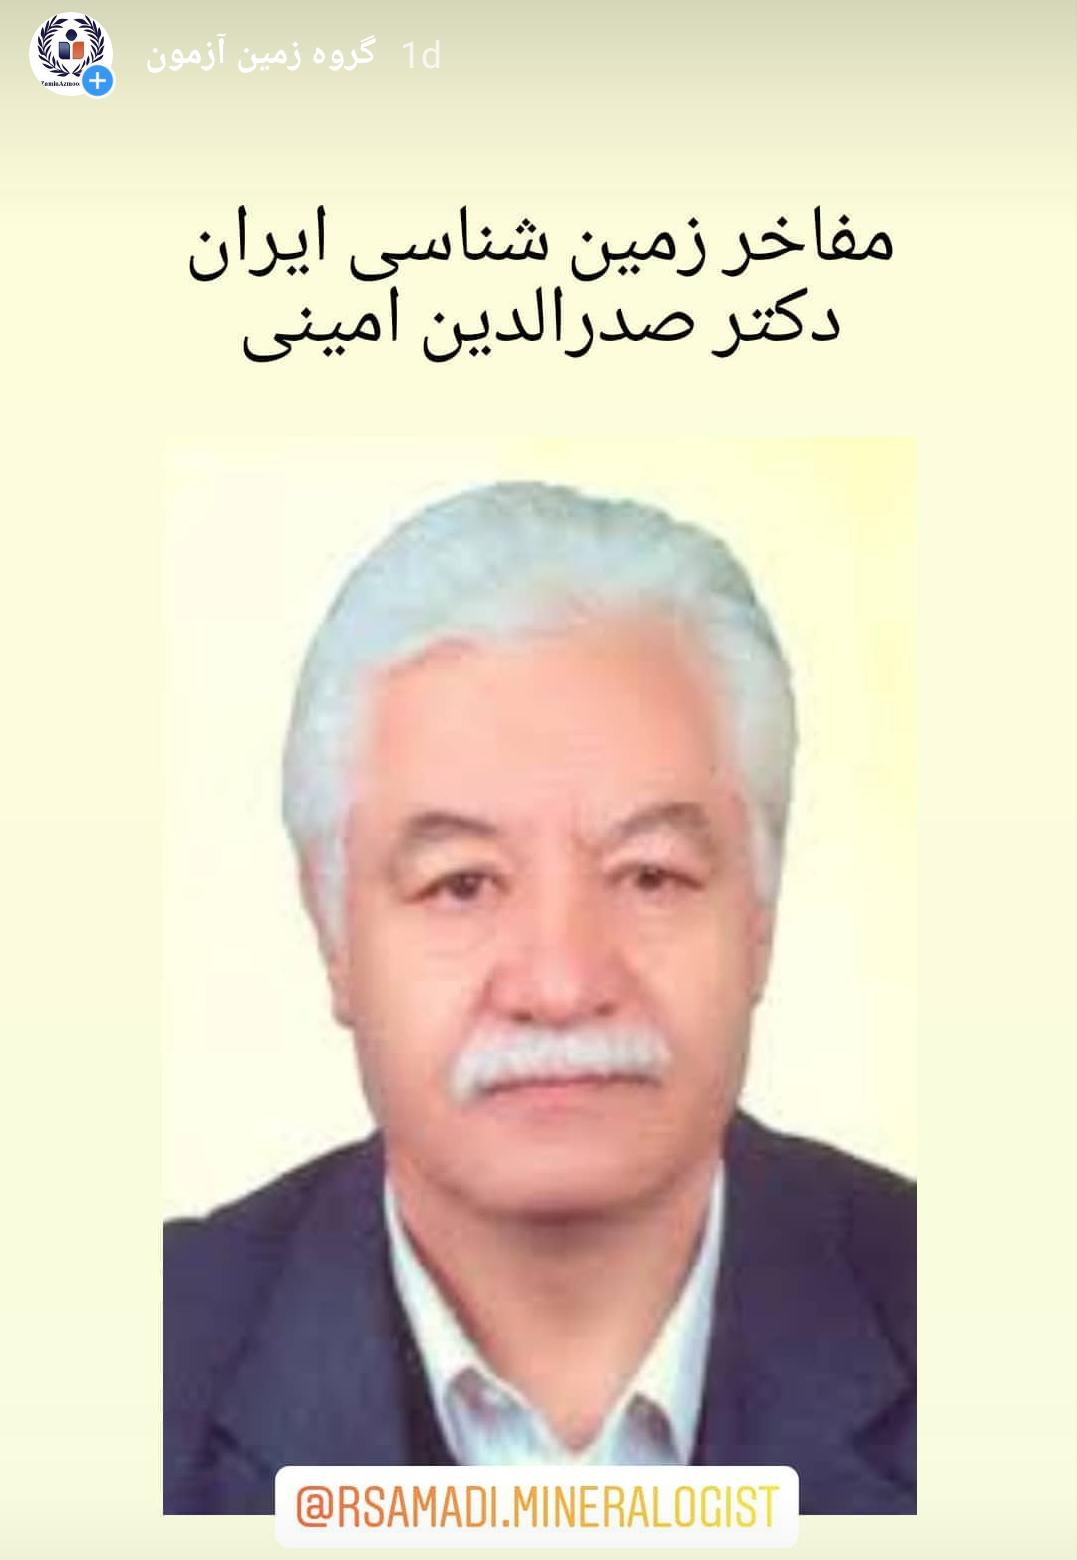 دکتر صدرالدین امینی